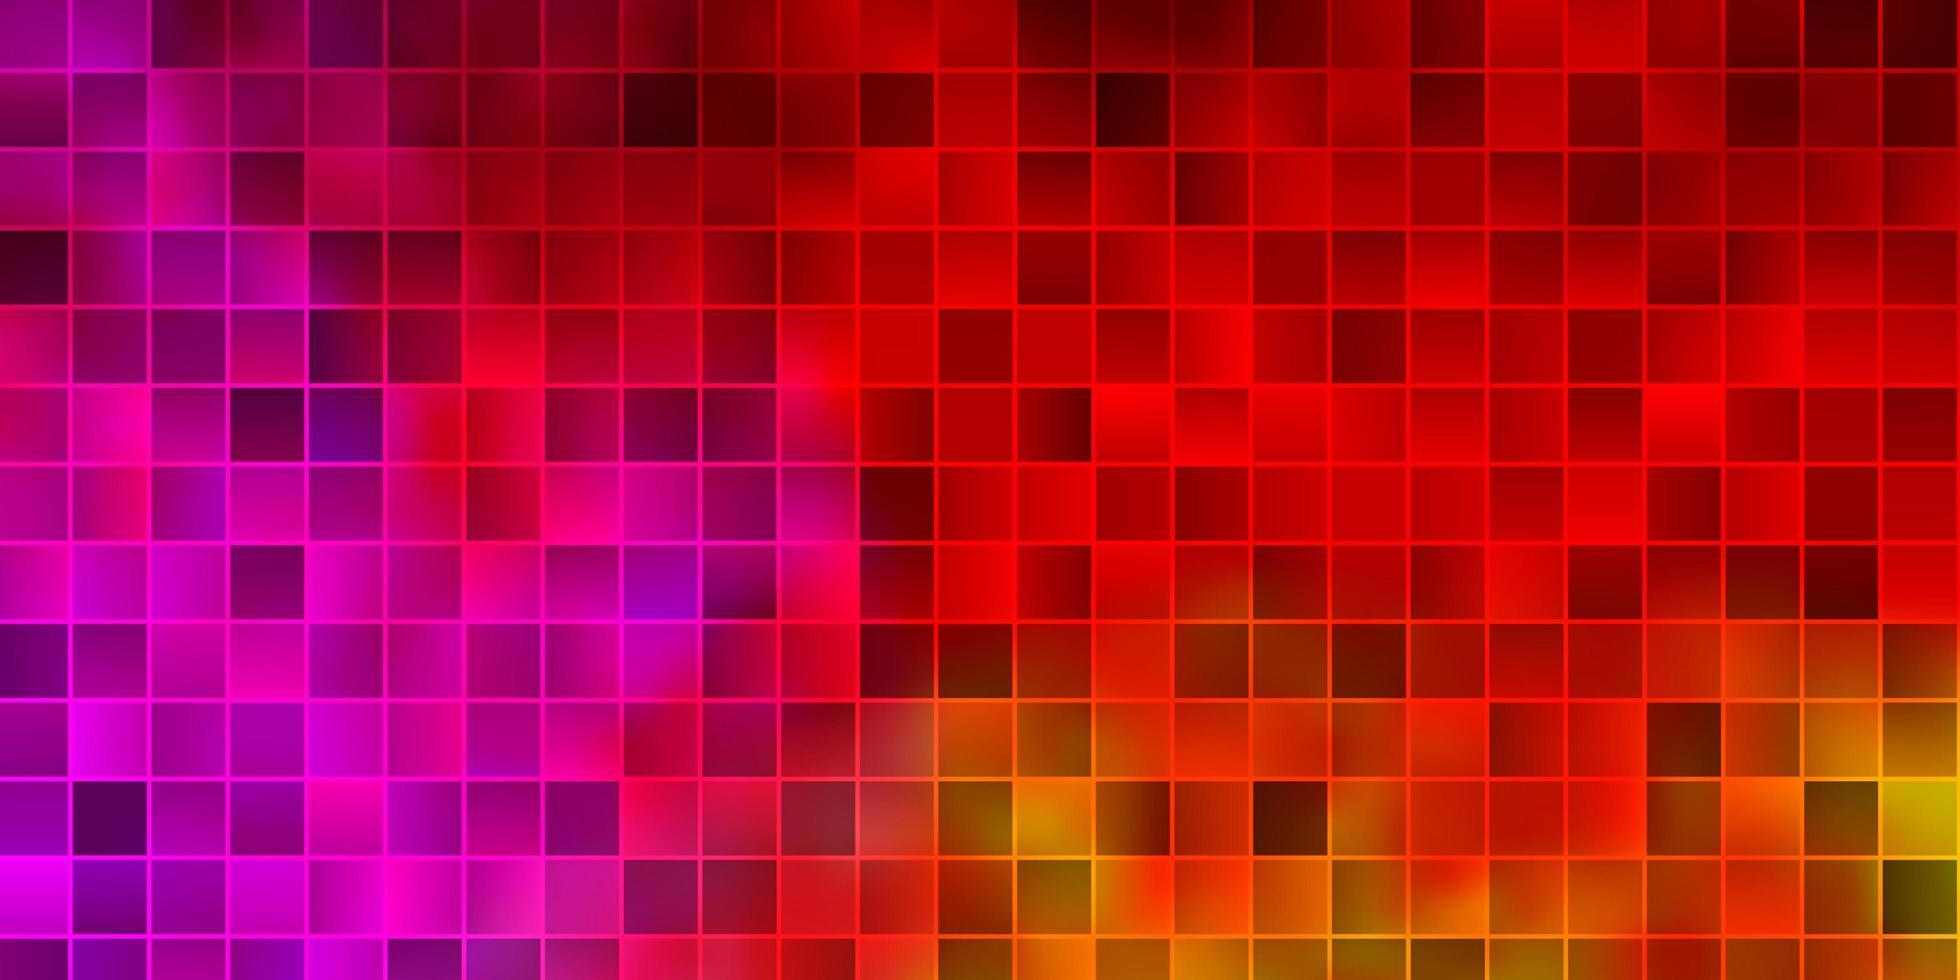 texture de vecteur rose clair, jaune dans un style rectangulaire.